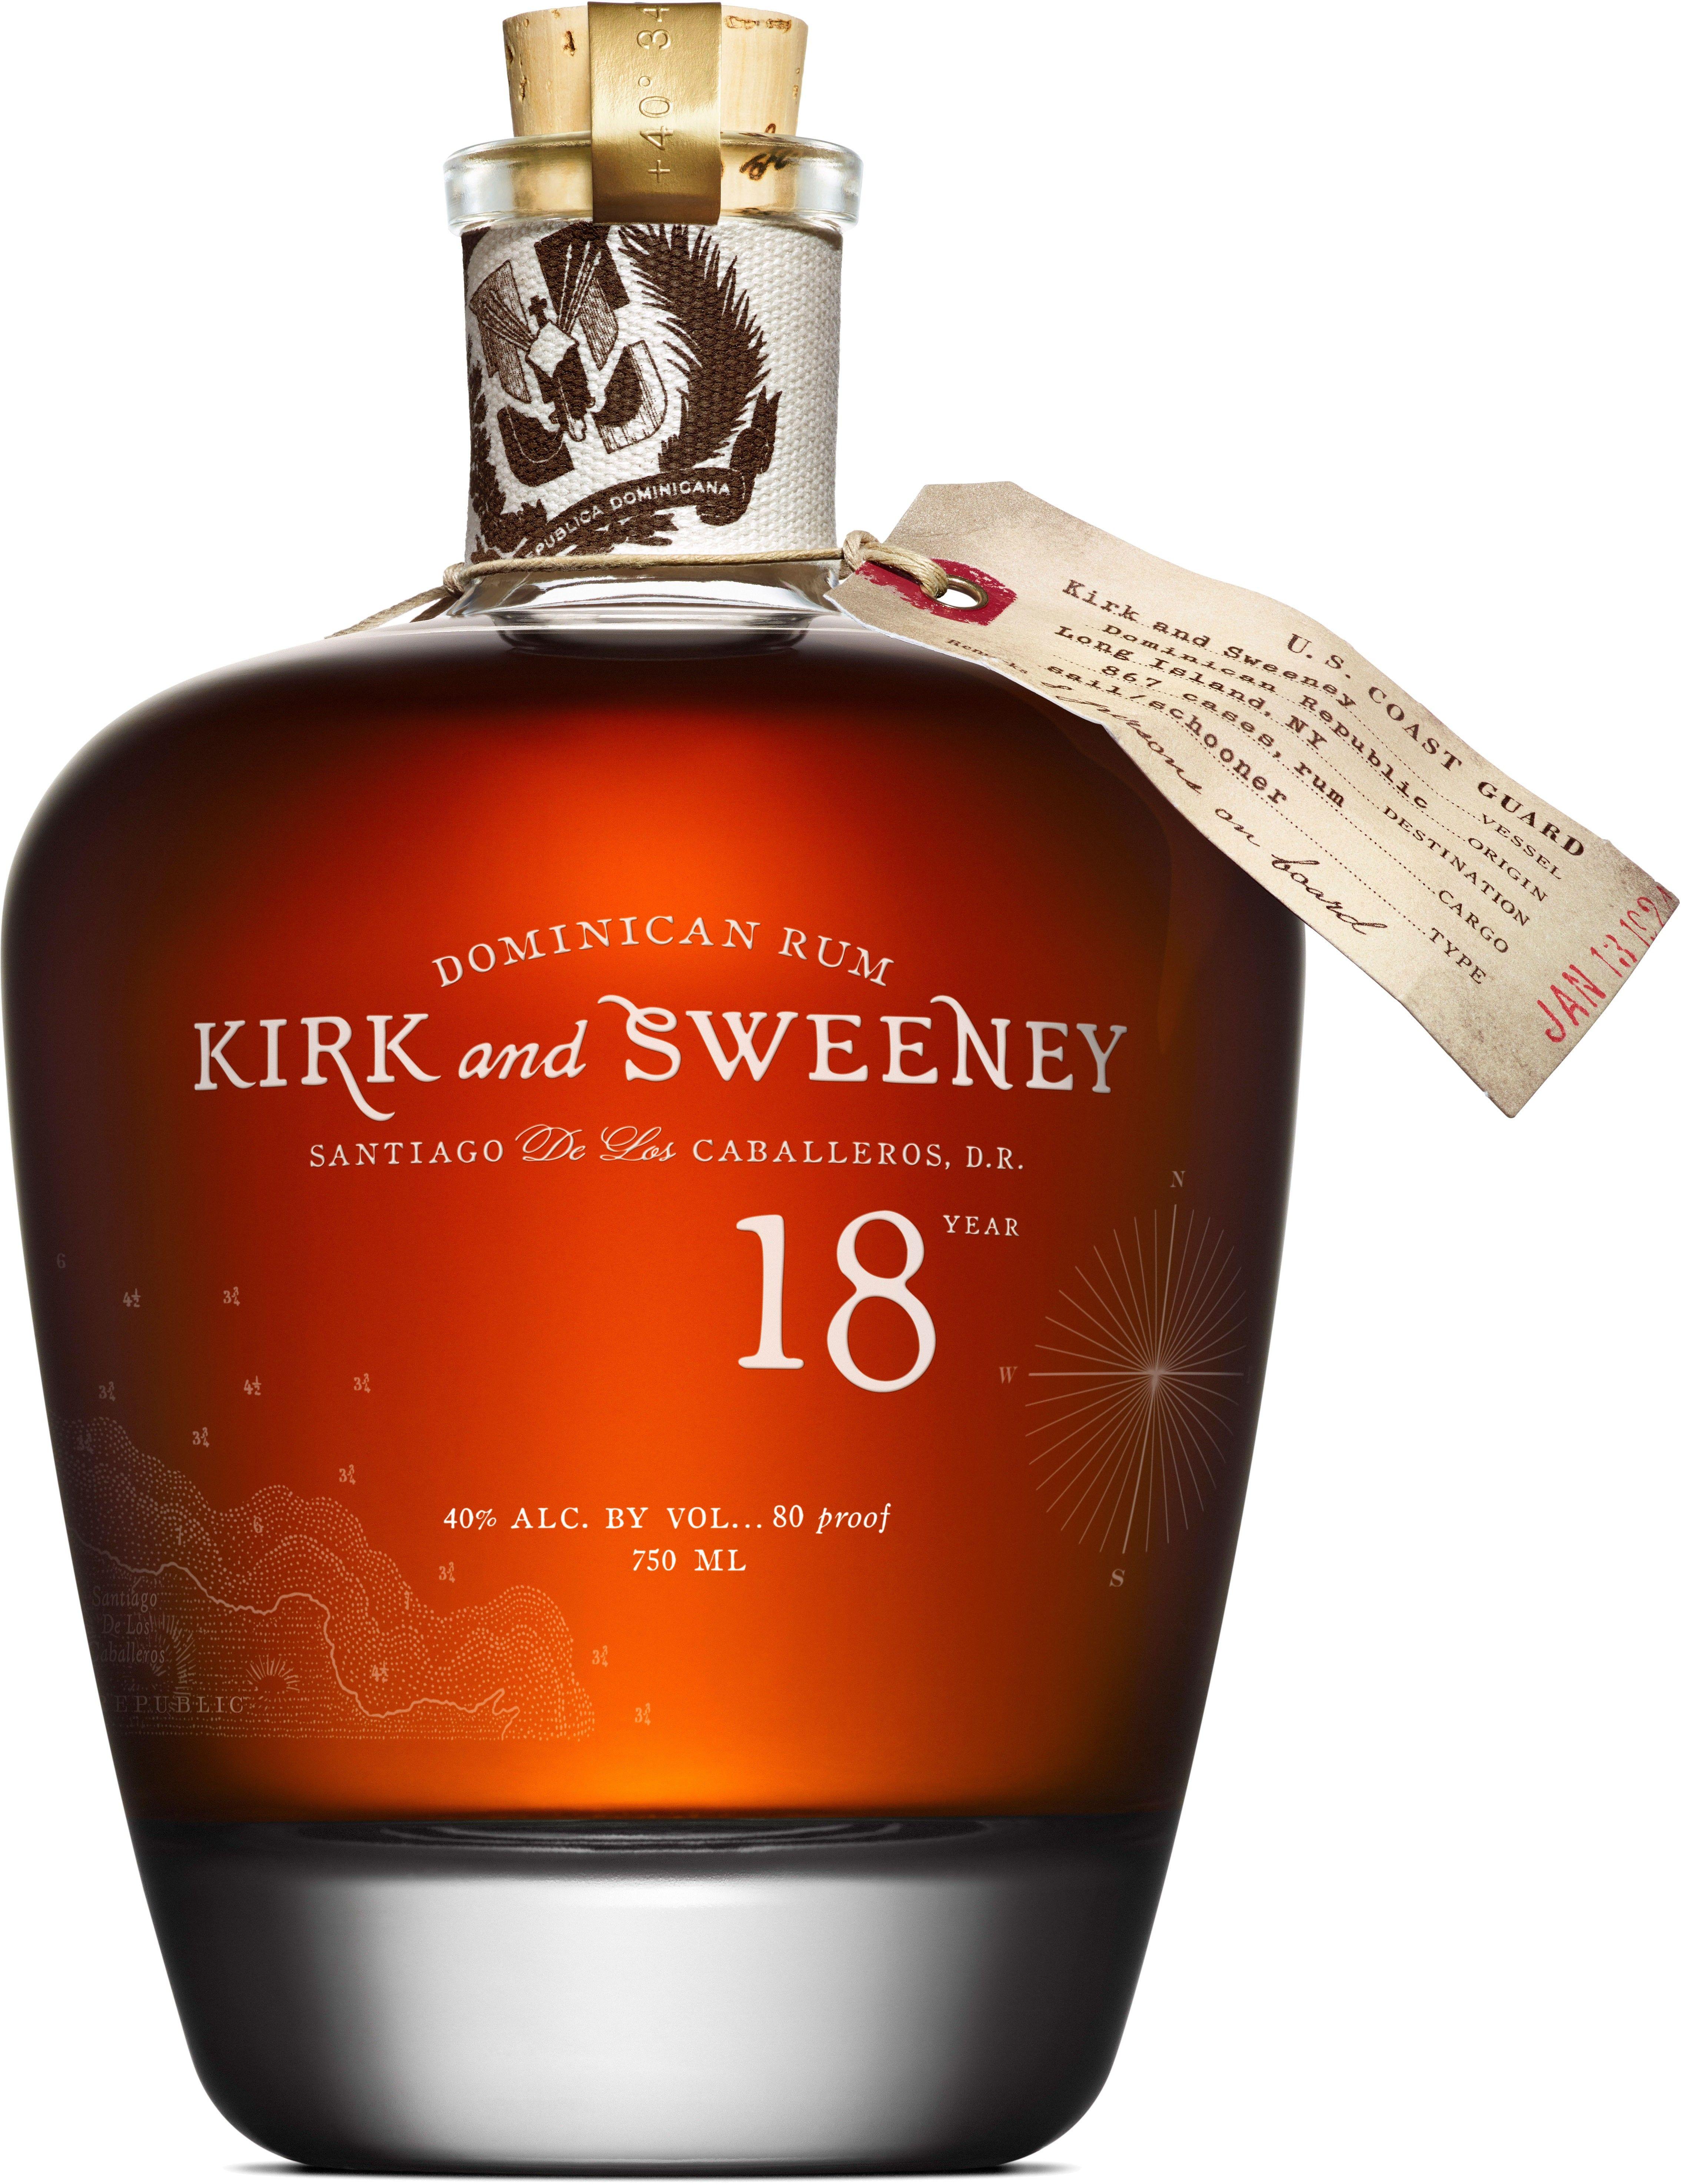 Kirk And Sweeney 18 Year Old Rum Rum Dominican Rum Aged Rum